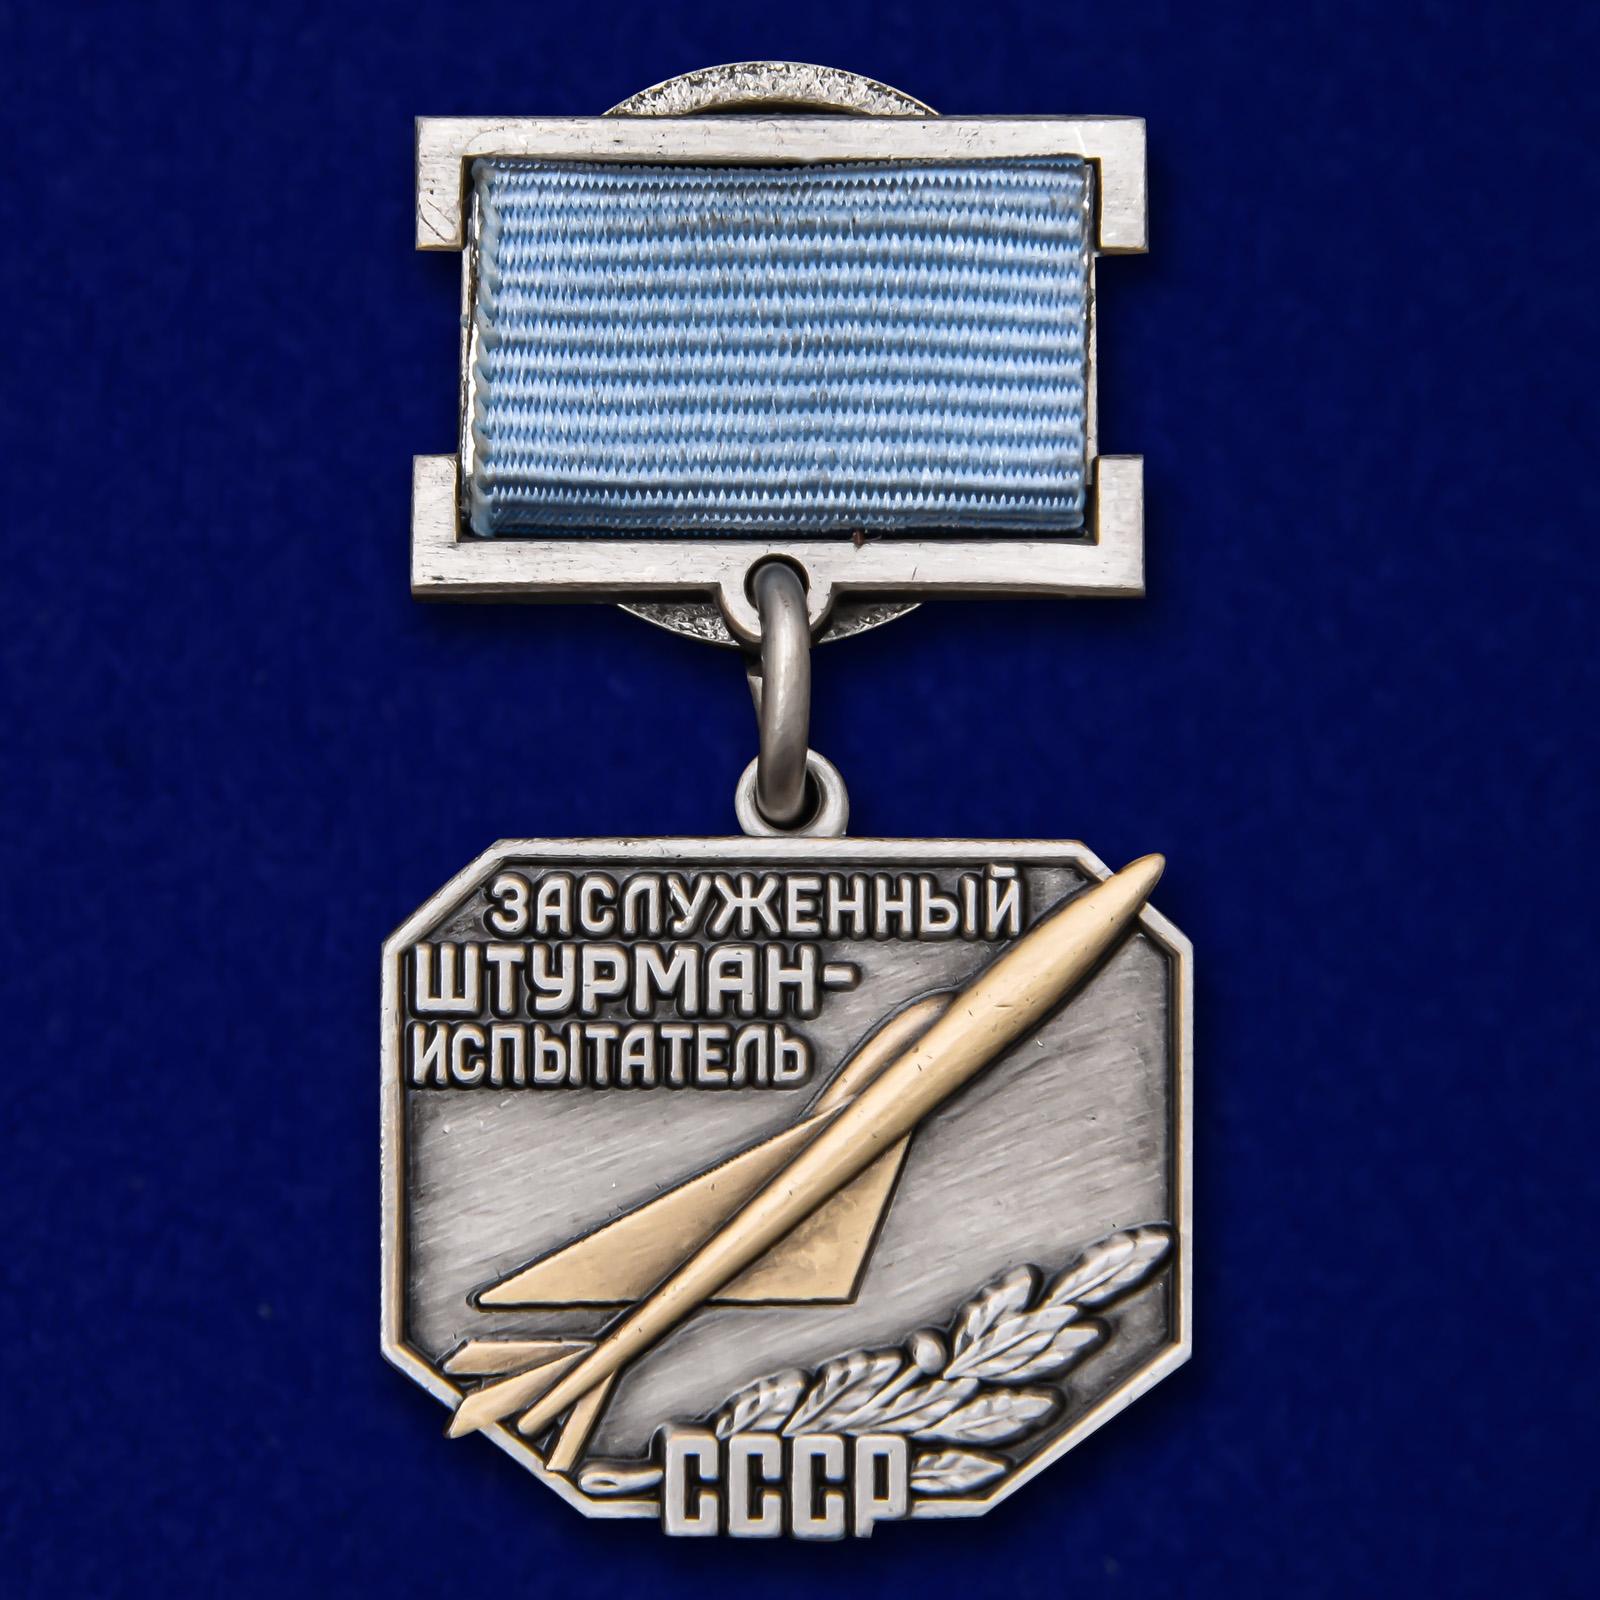 Латунный знак Заслуженный штурман-испытатель СССР